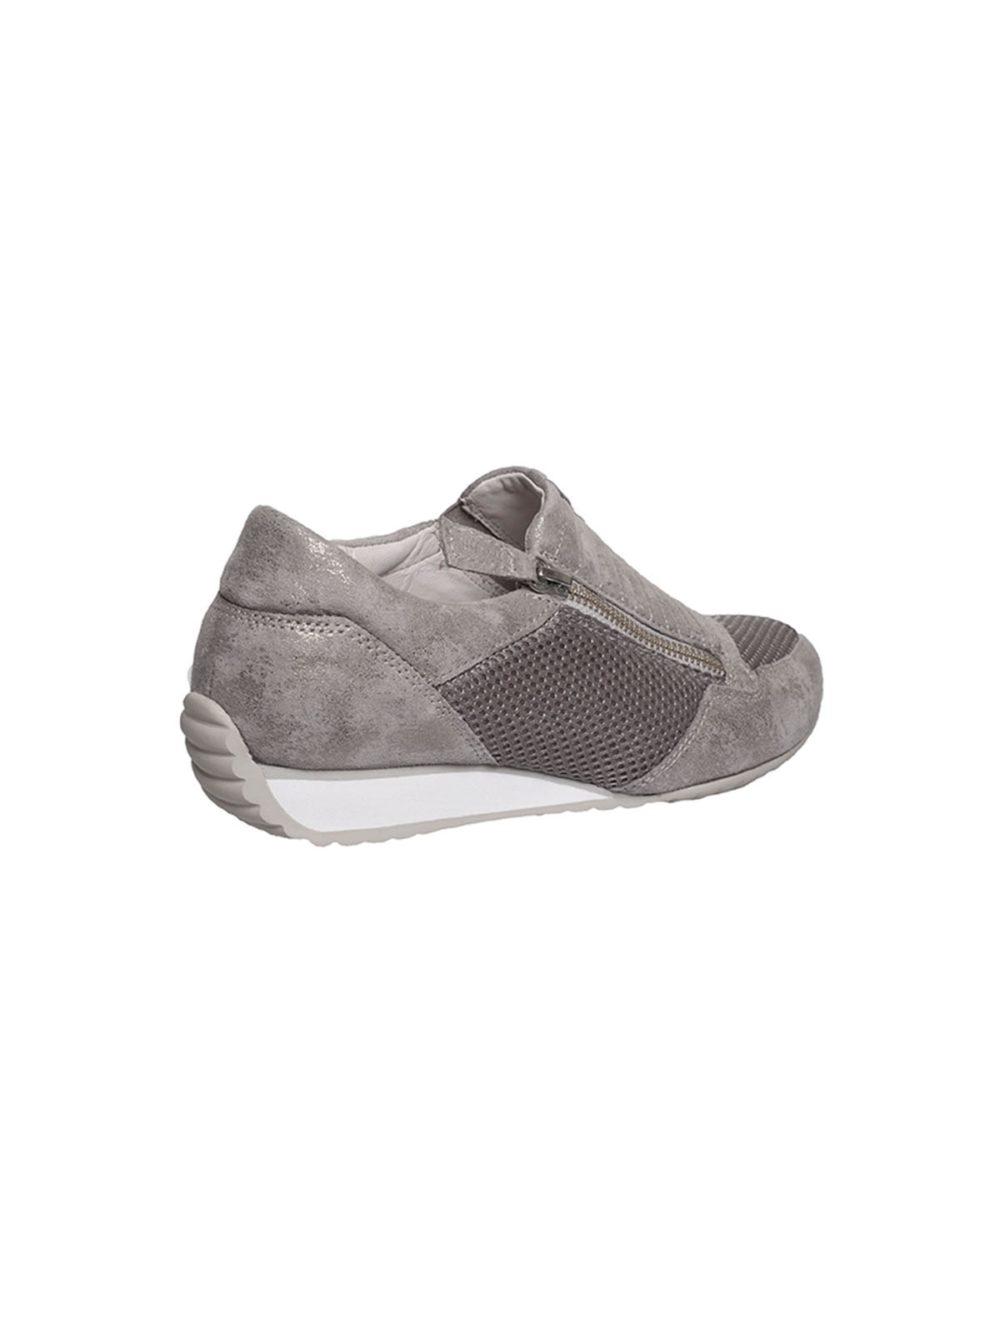 Brunello Shoe Gabor Shoes Women's shoes Katie Kerr